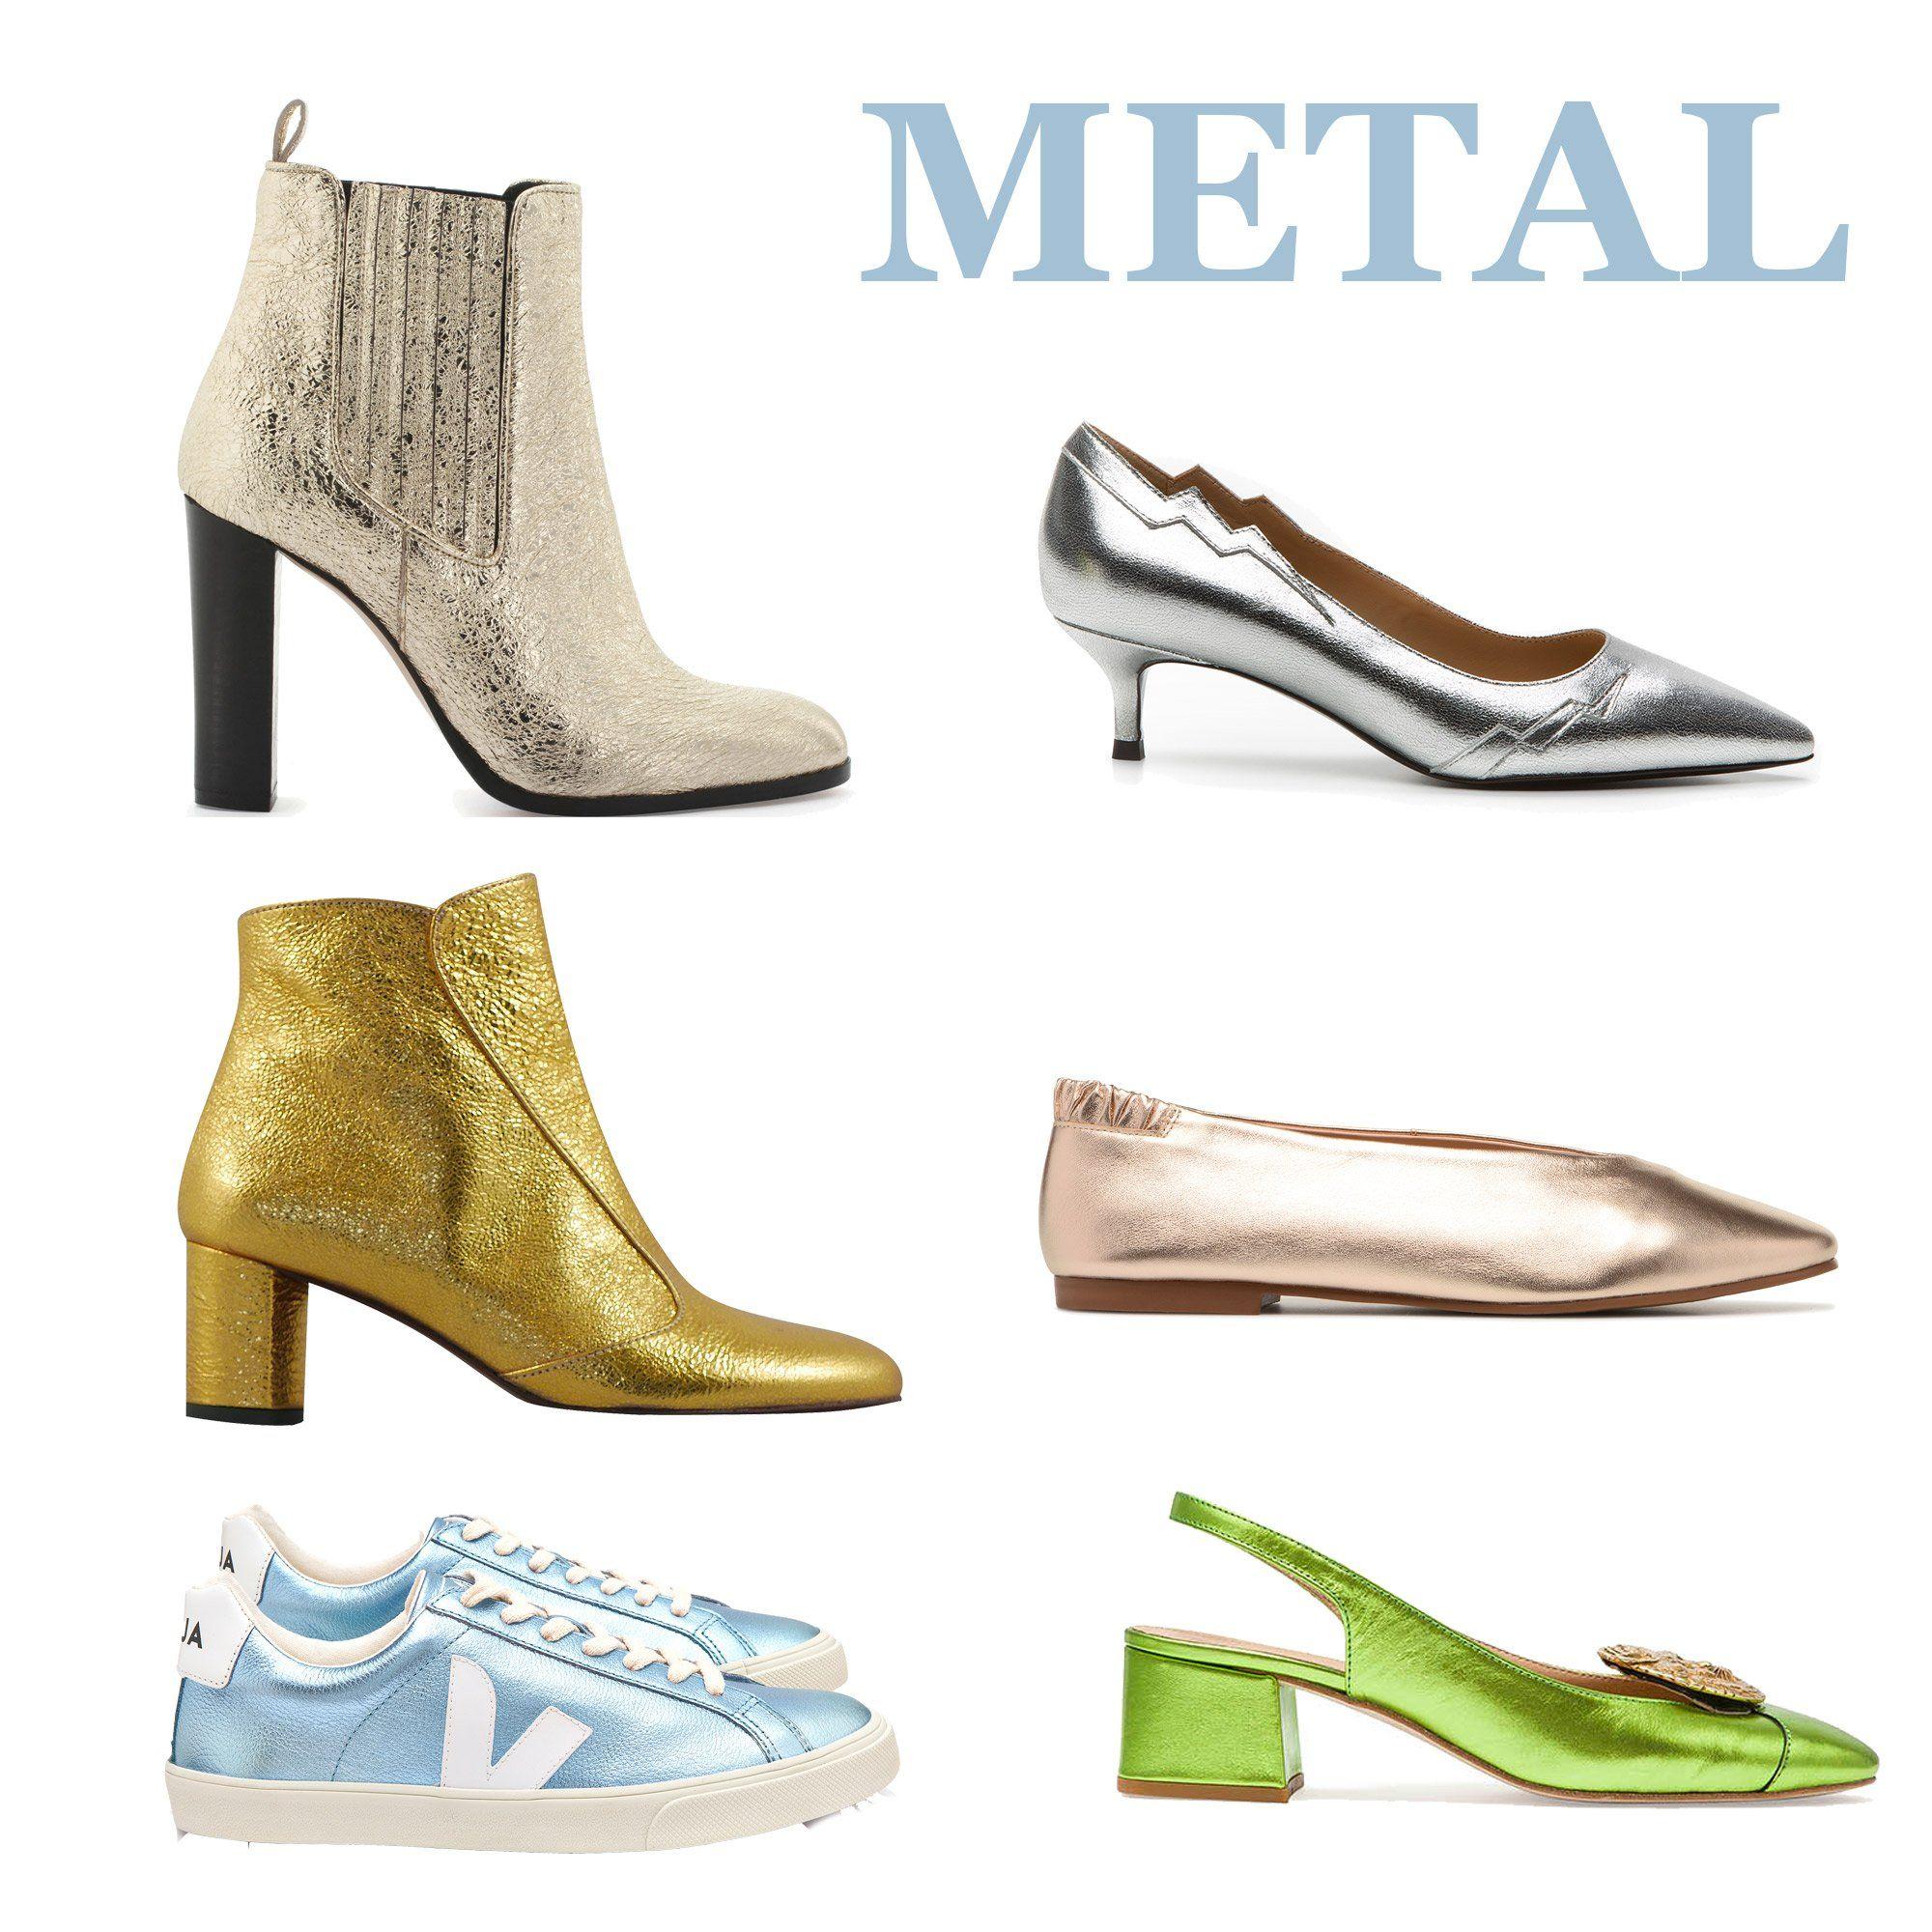 Chaussures : les nouveautés tendance de l'automne hiver 2017